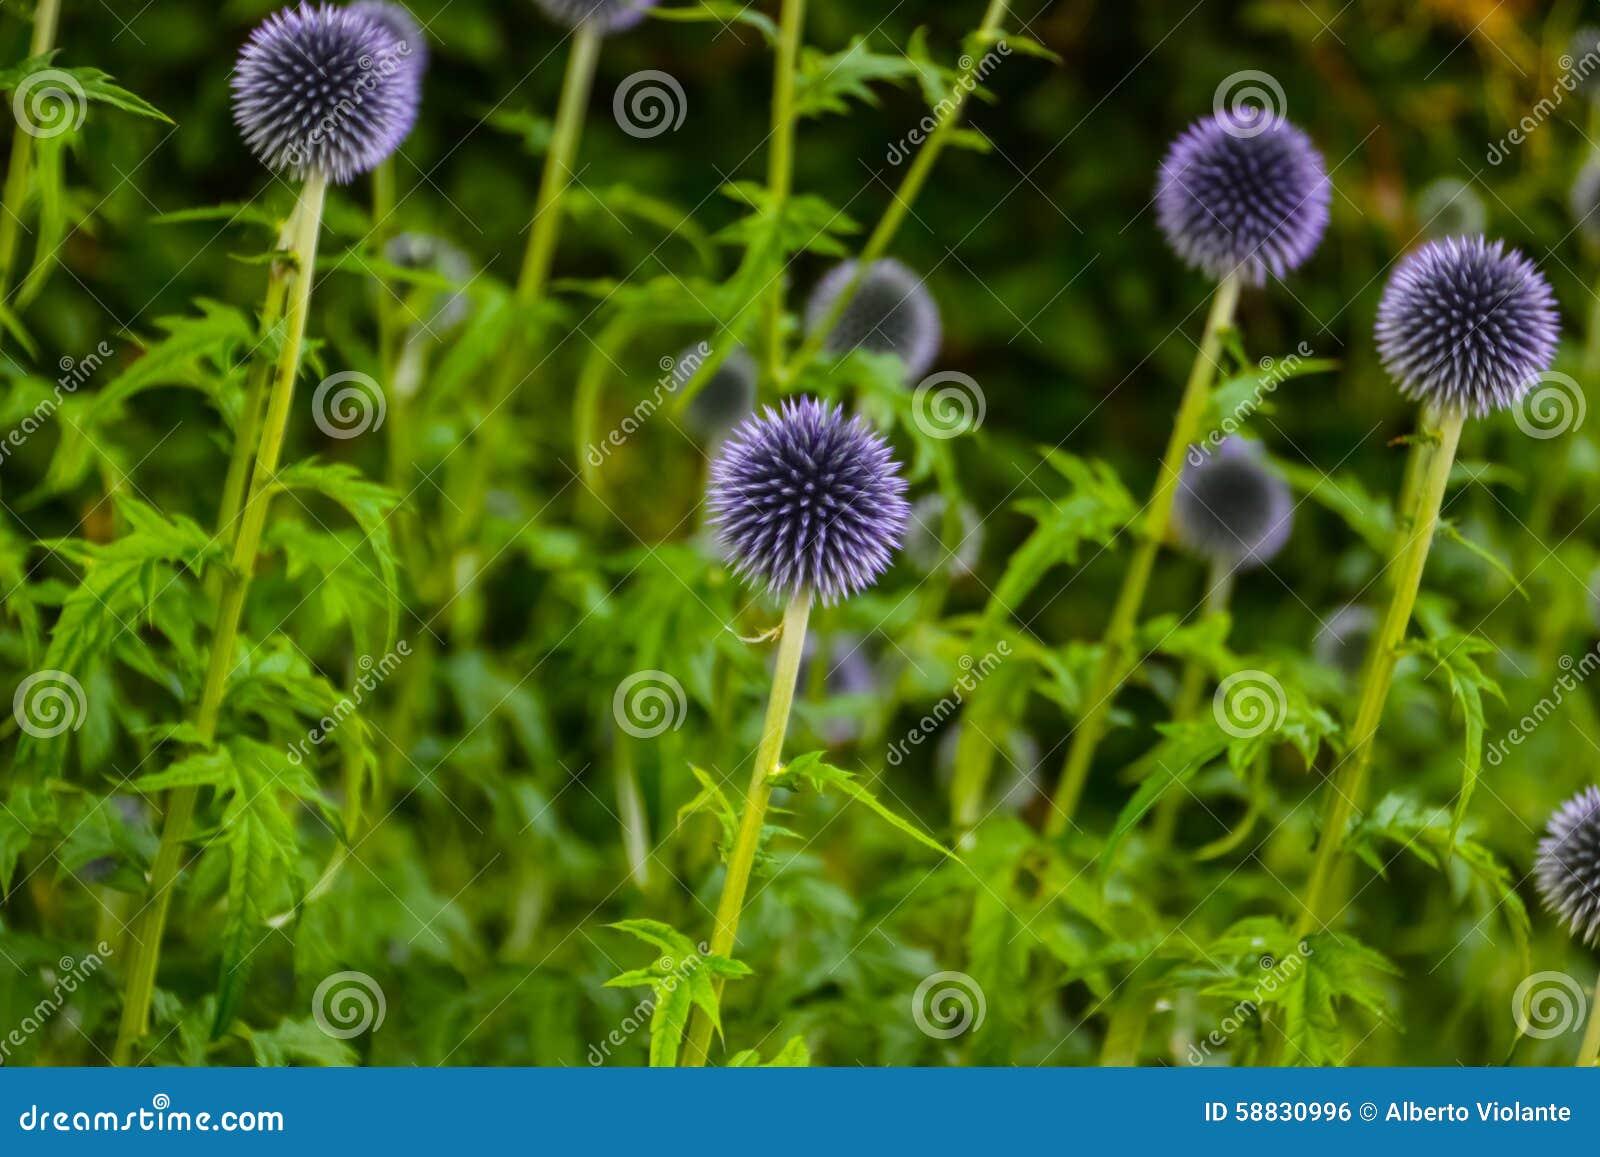 Fleurs de jardin sauvage for Fleurs dans un jardin